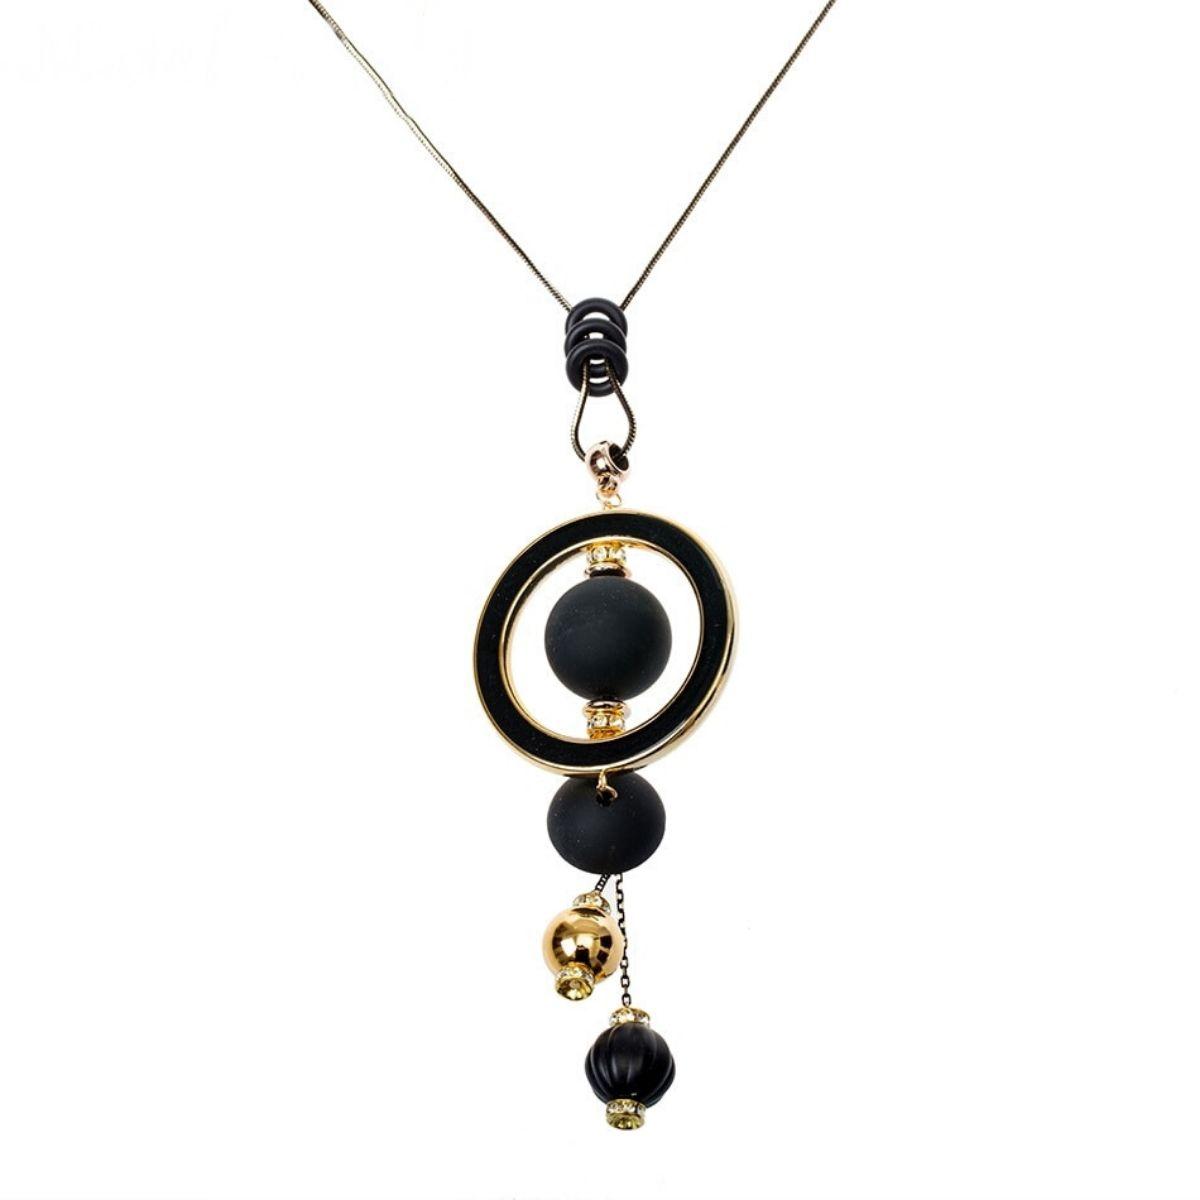 Collier long, pendentif Sphère et cercle en bois et métal.